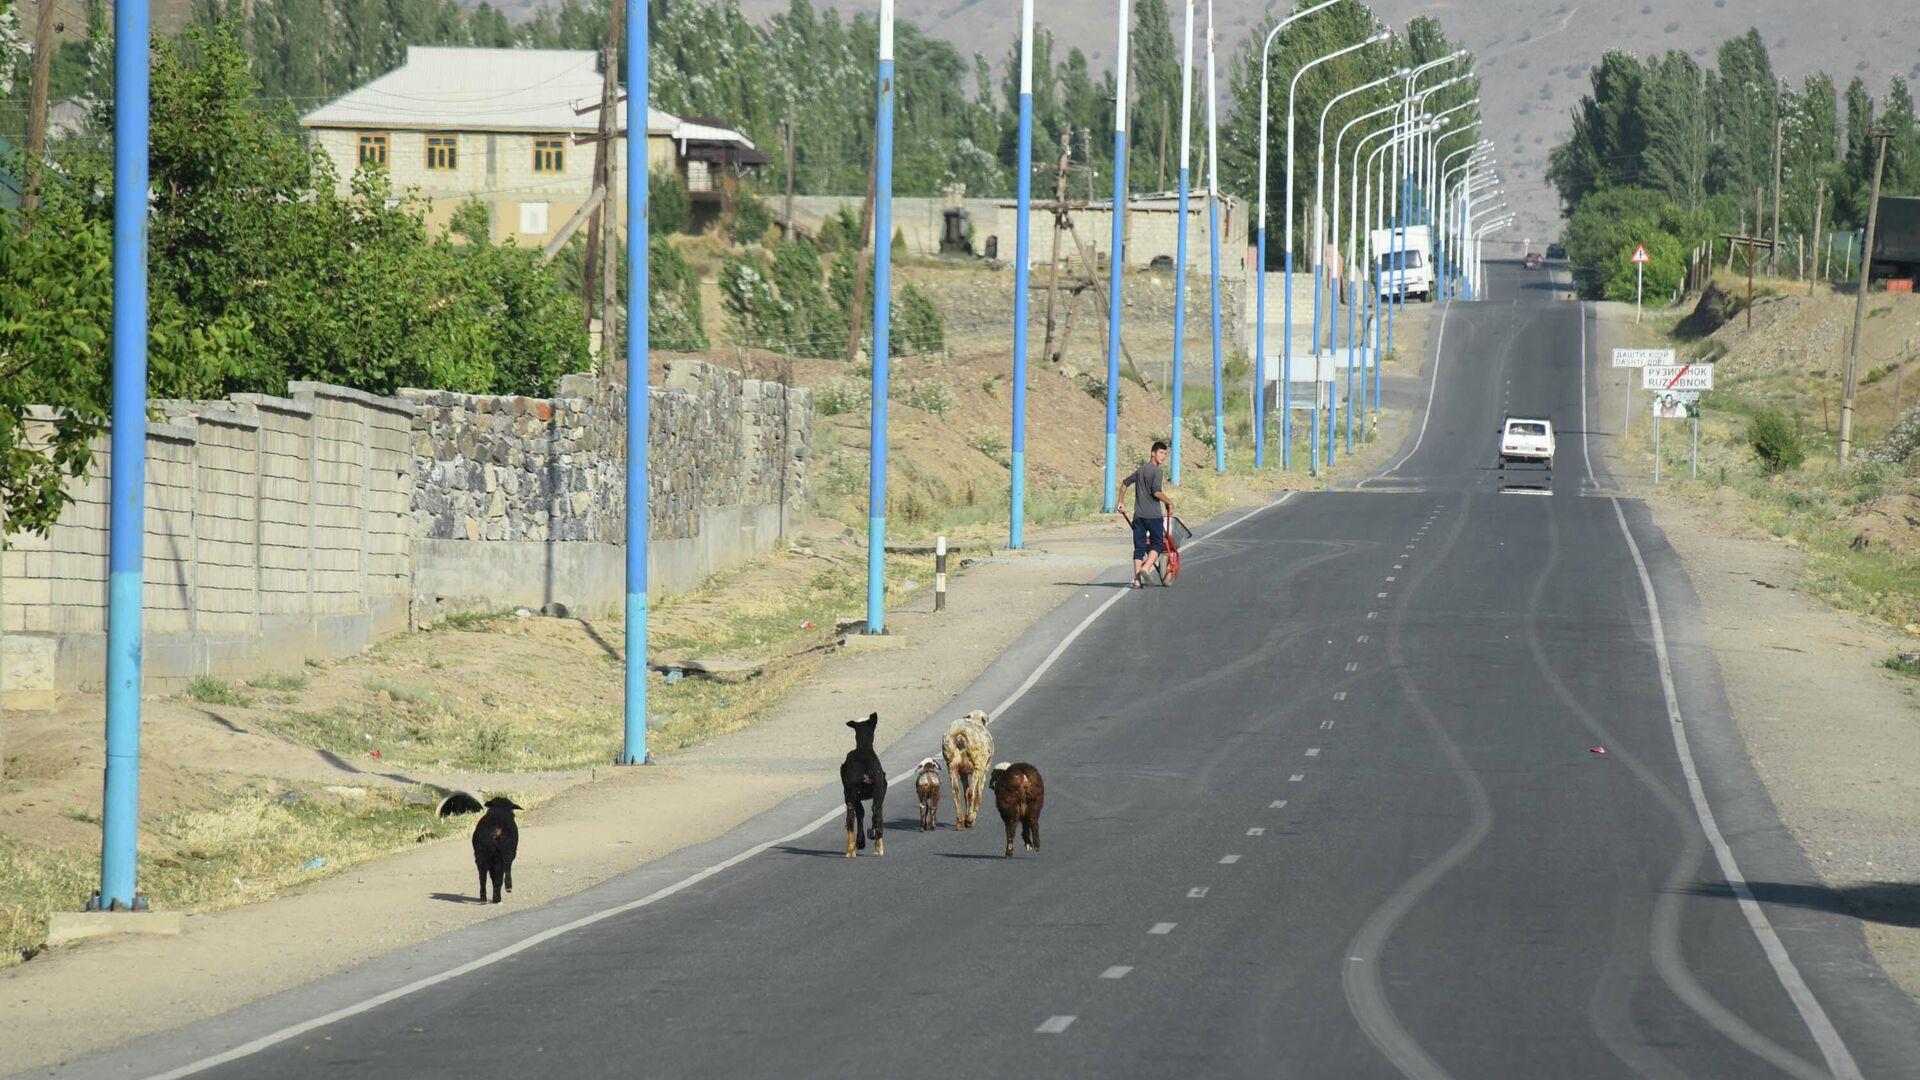 Дорога в Пенджикенте - Sputnik Таджикистан, 1920, 26.09.2021